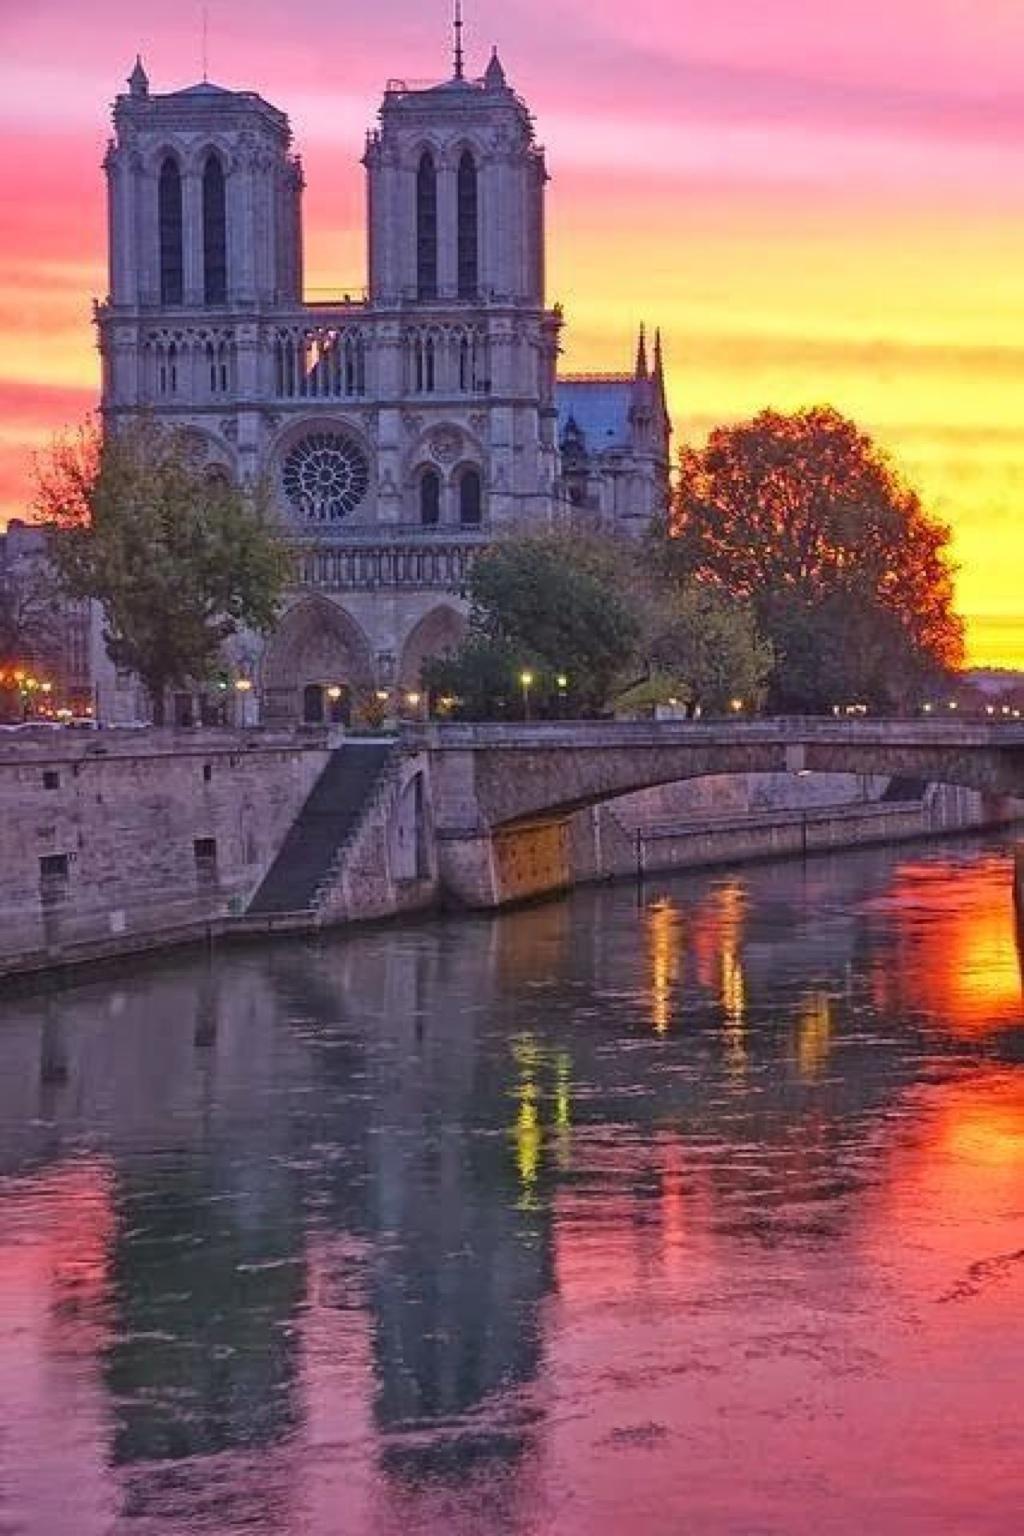 Notre Dame Cathedral France Reisen Paris Urlaub Sehenswurdigkeiten In Paris